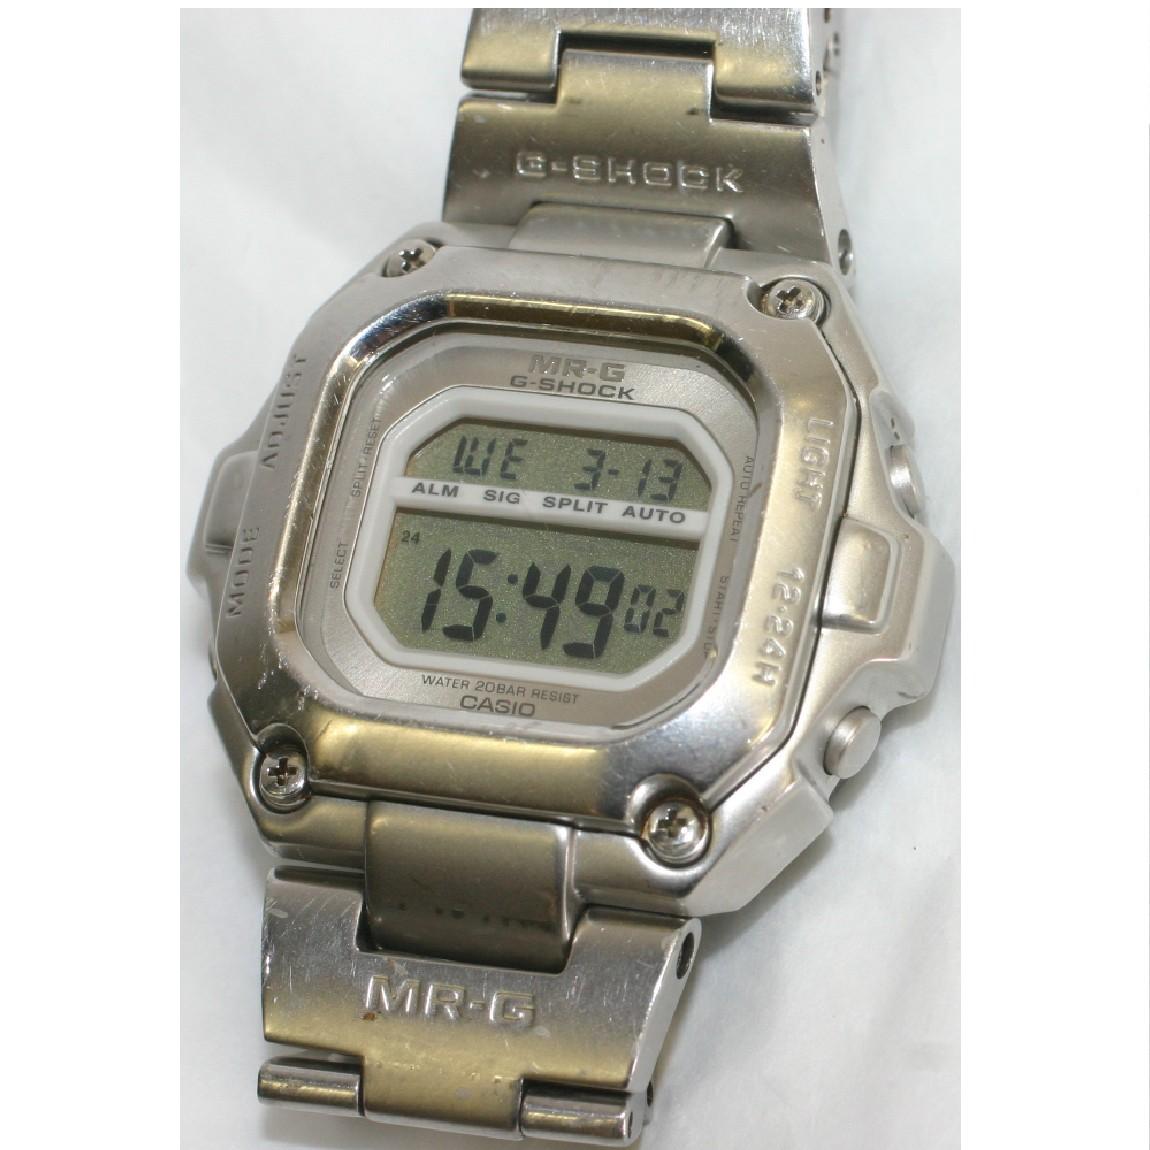 【中古】完動美品カシオ紳士用時計MRG-110T-8 チタン素材1ヶ月保障付